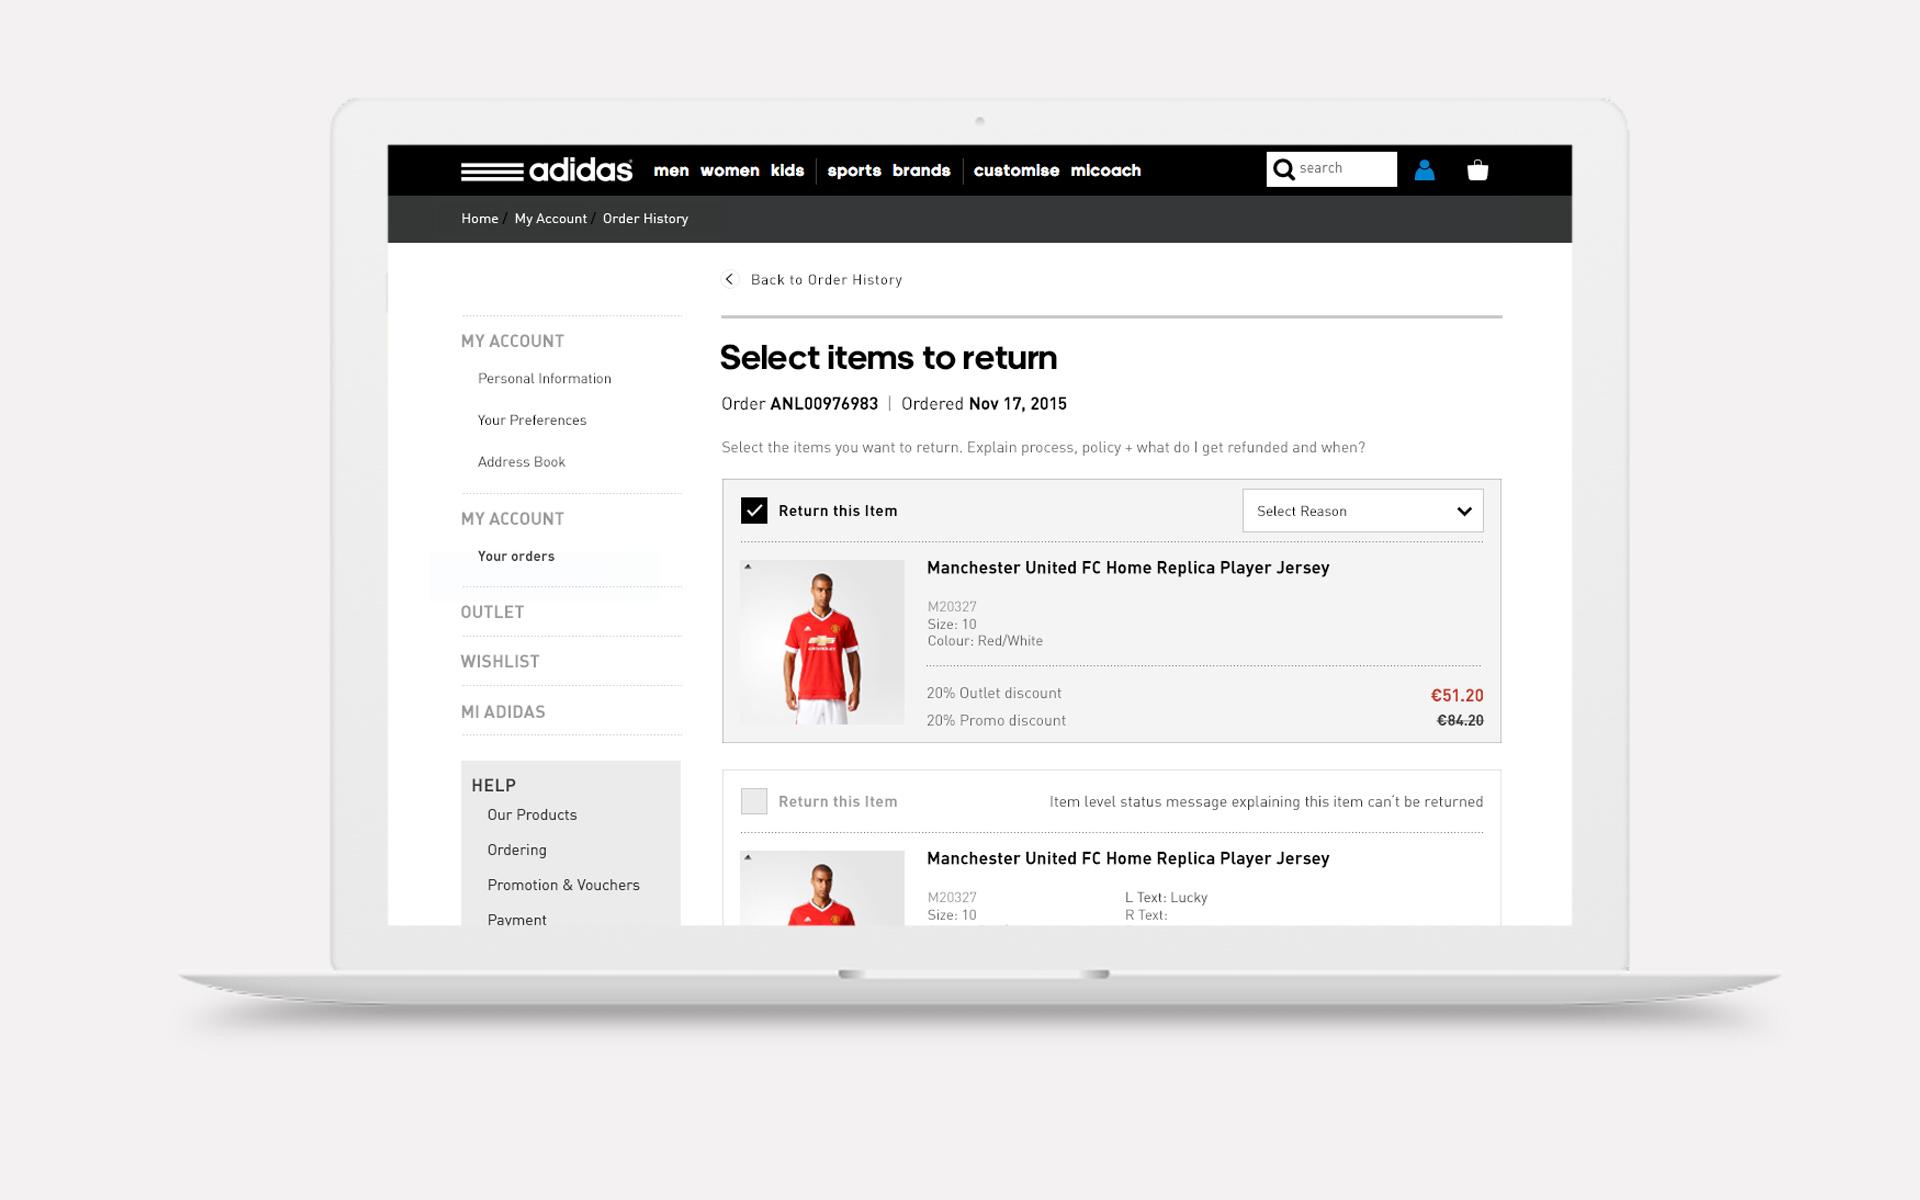 adidas_home_desk